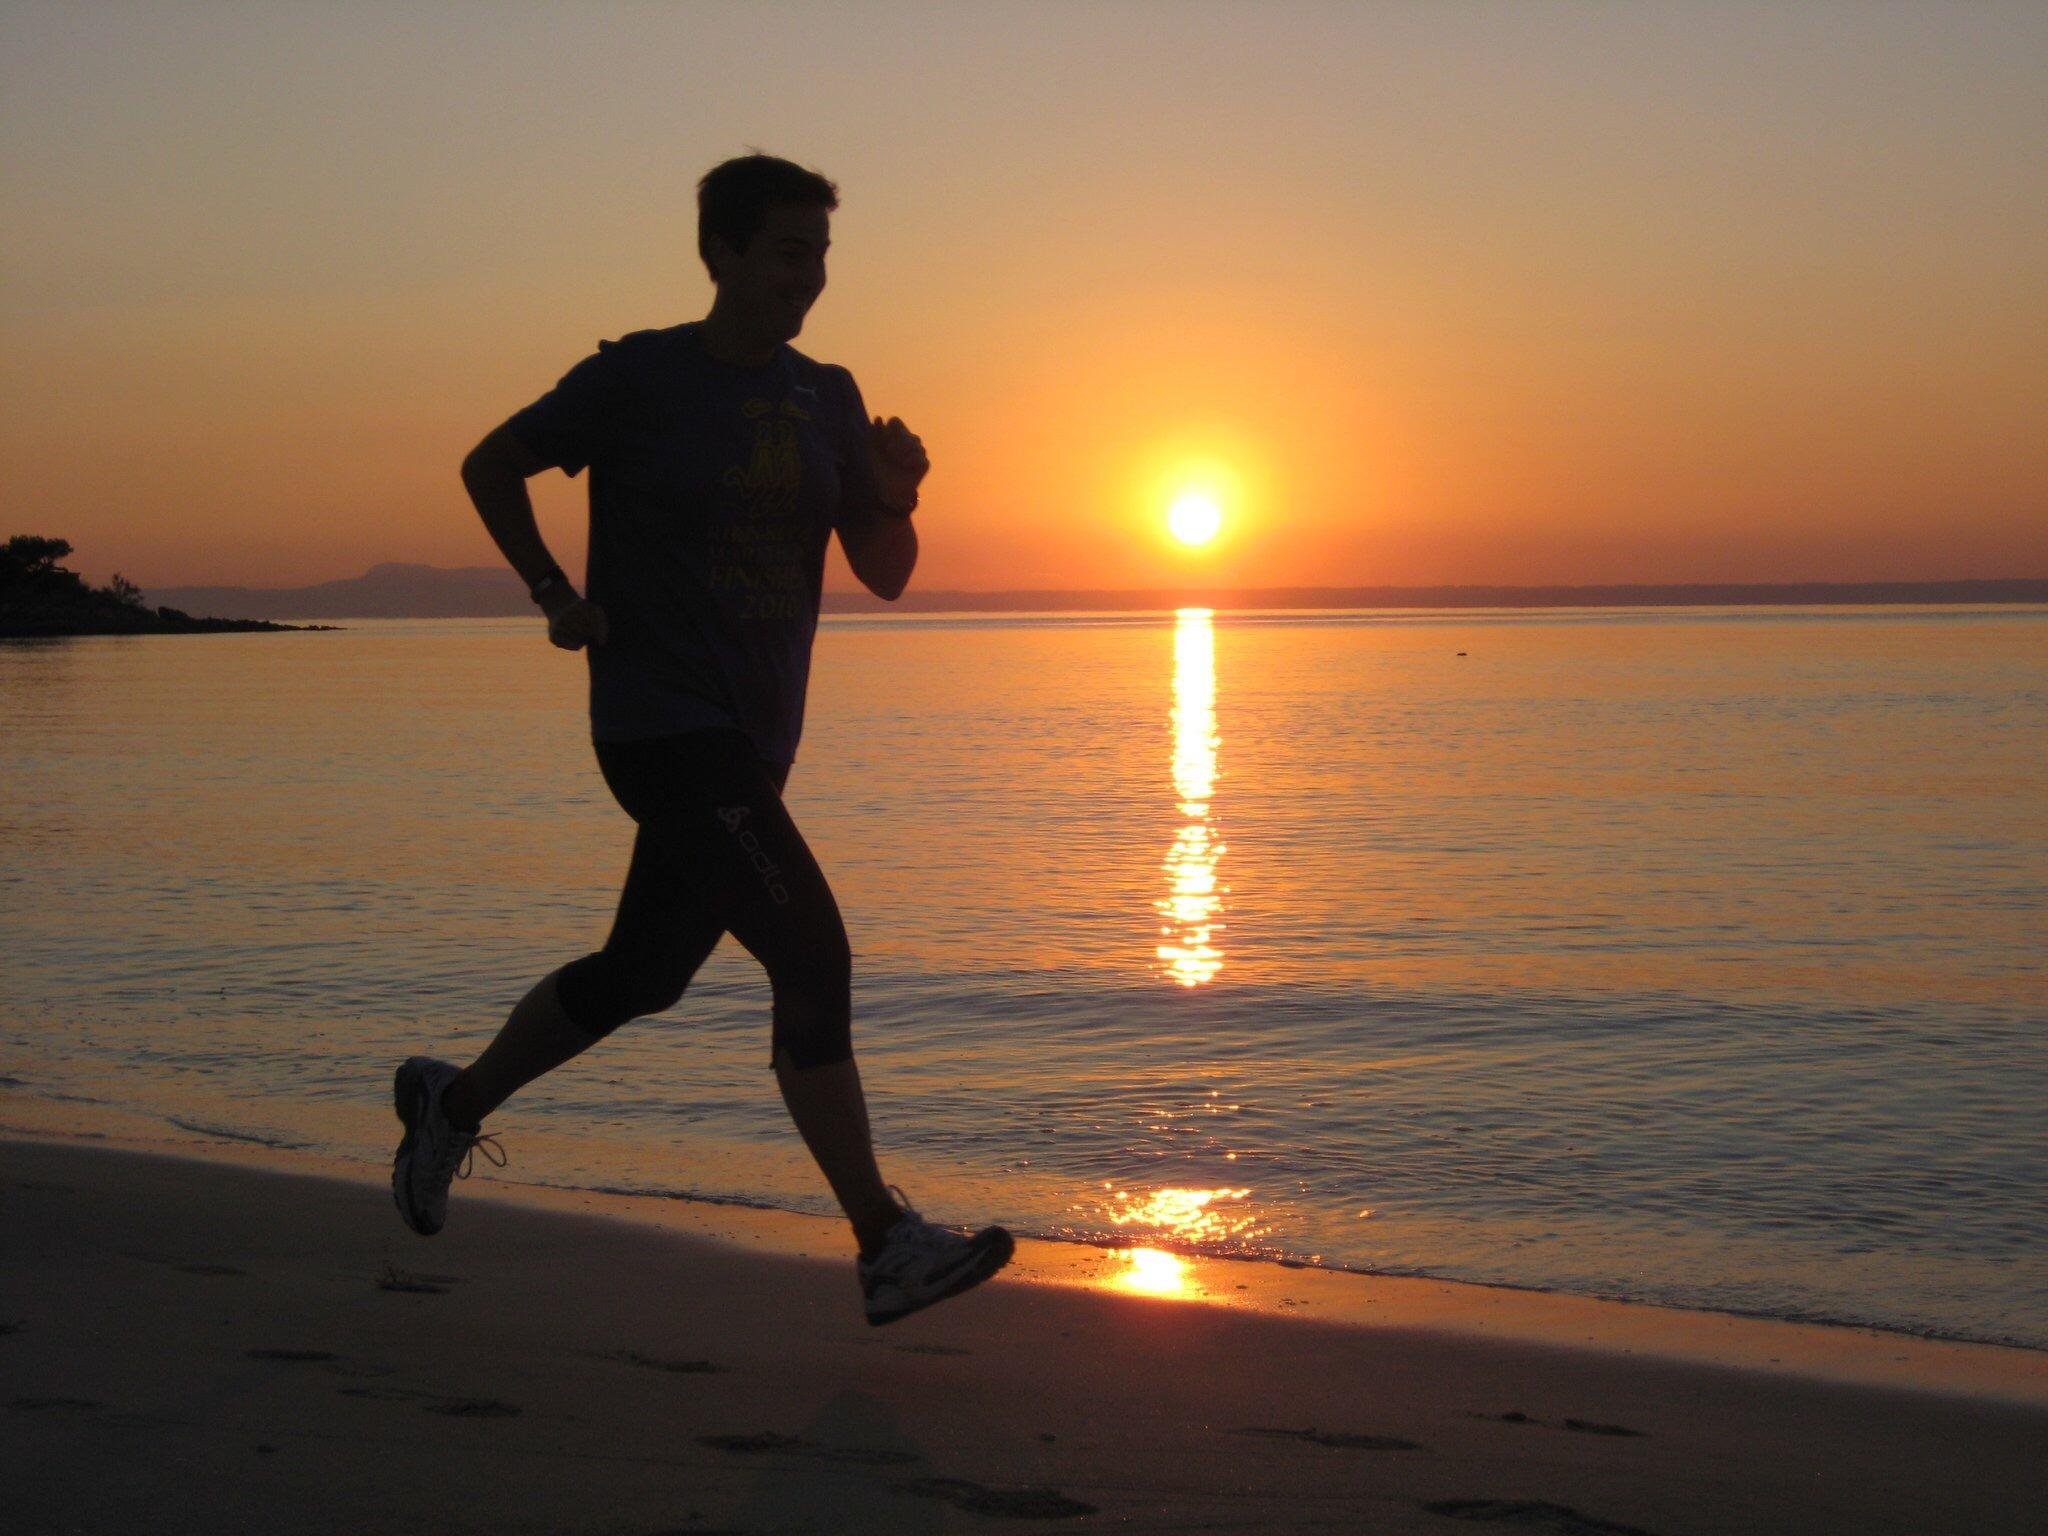 Hardlopen op het strand met zonsondergang VVV Texel fotograaf Inge Schaeben